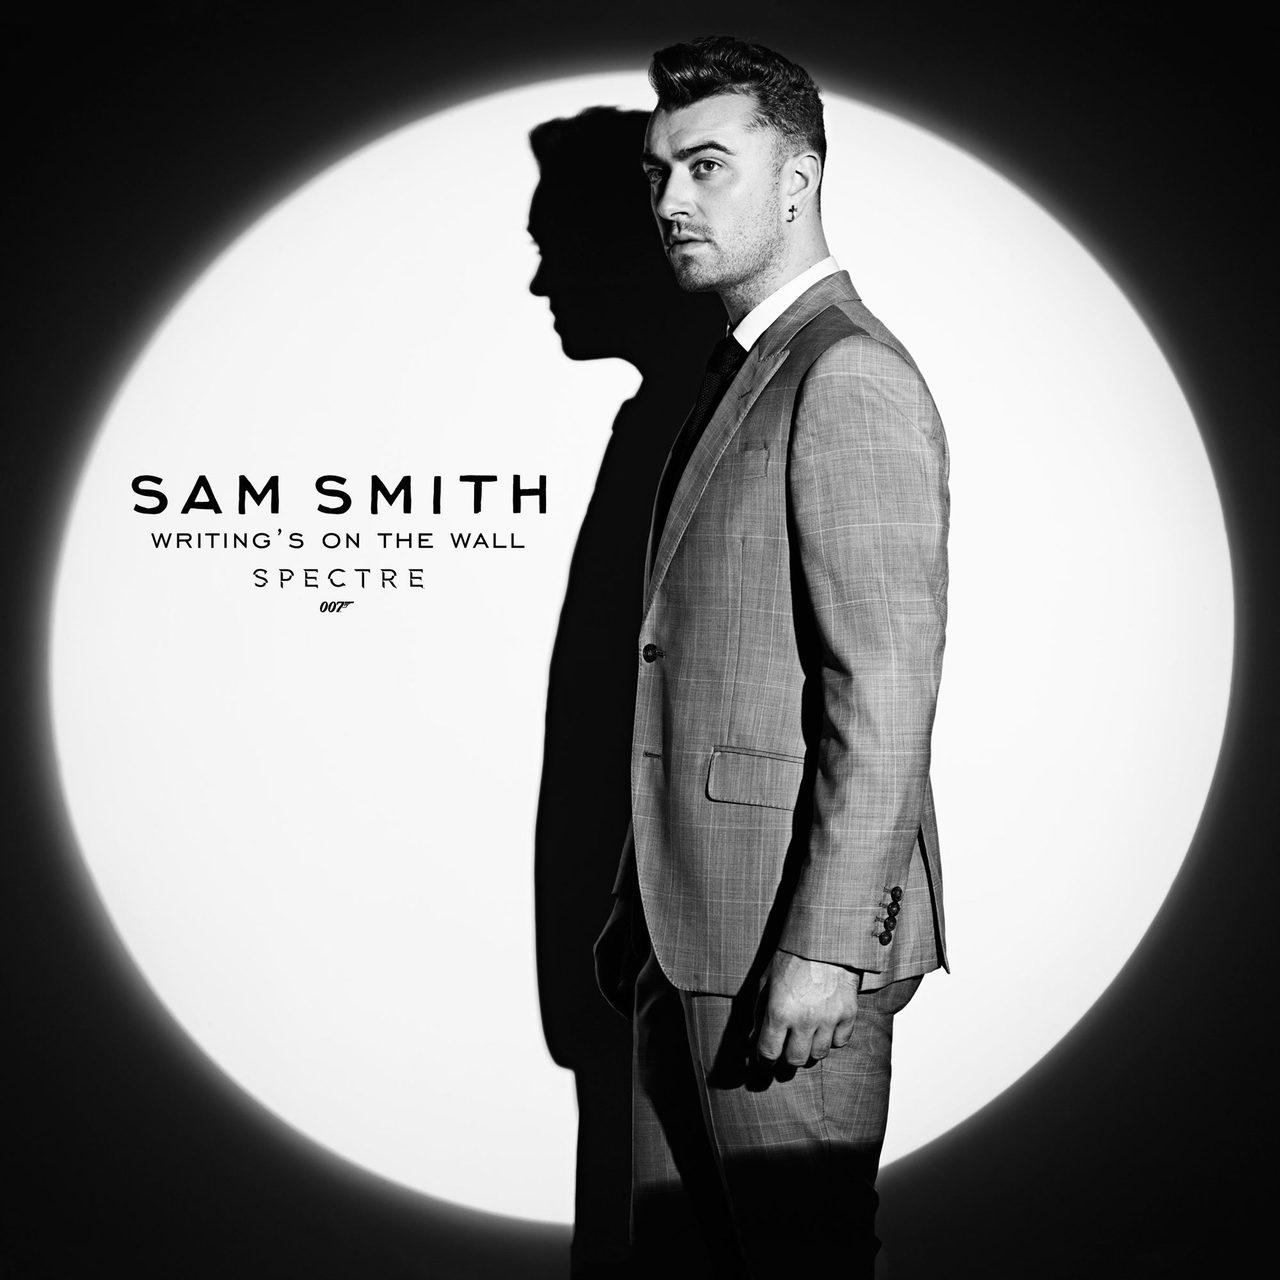 画像: サム・スミスの「Writing's on the Wall - Single」を iTunes で